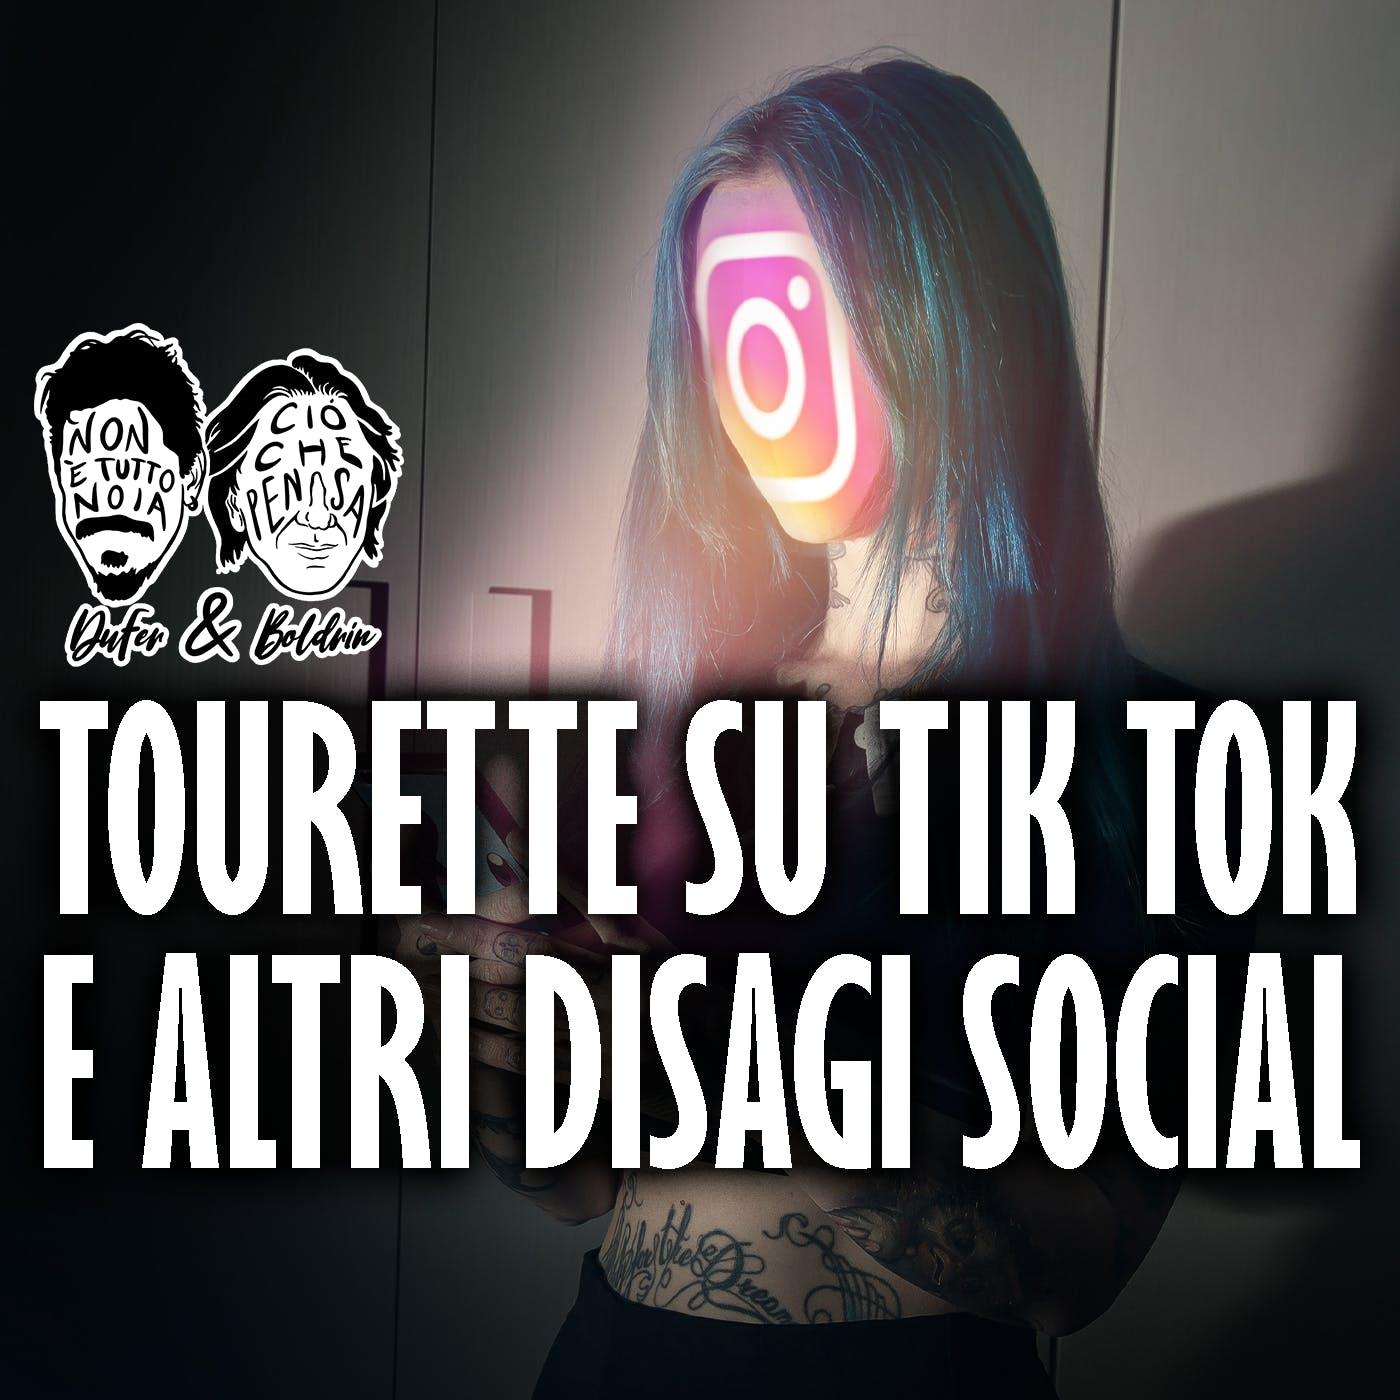 La Tourette su Tik Tok: identificazione e identità - DuFer e Boldrin